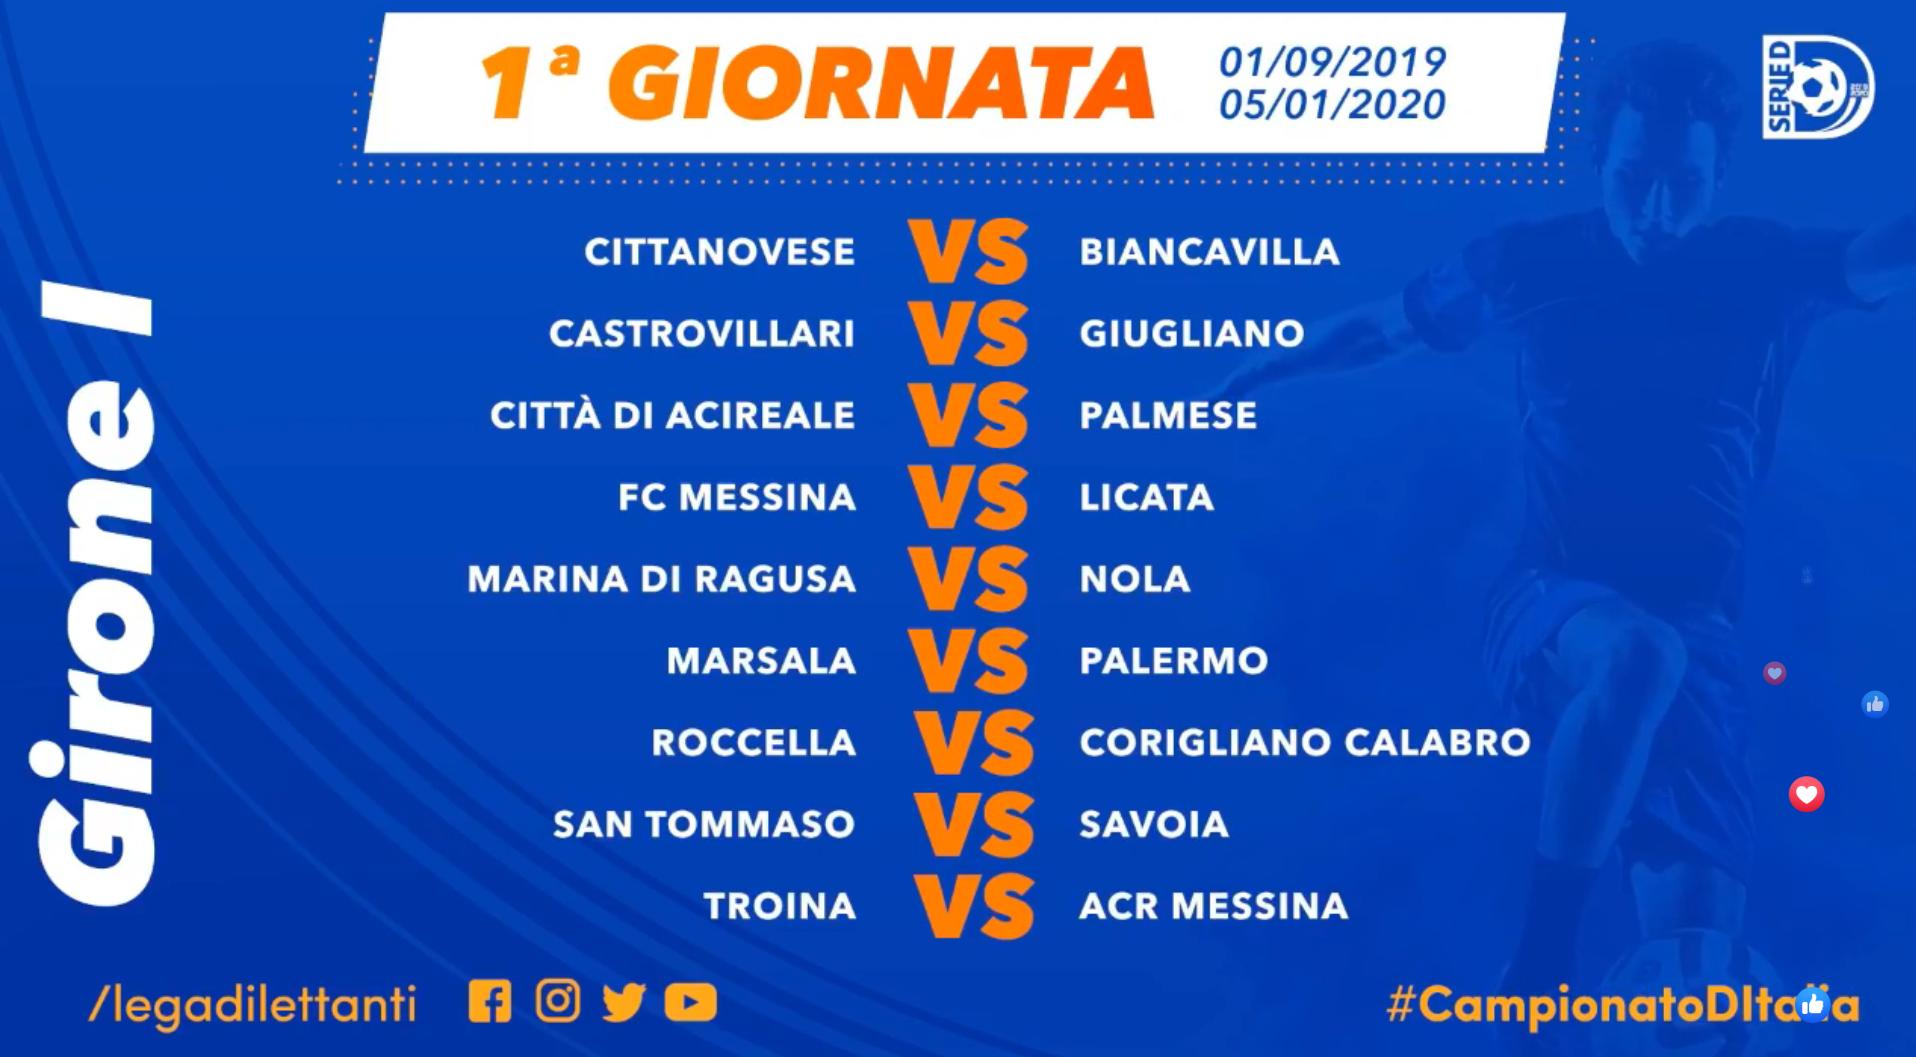 Campionato Serie A Calendario.Ecco Il Calendario Della Serie D Palermo All Esordio A